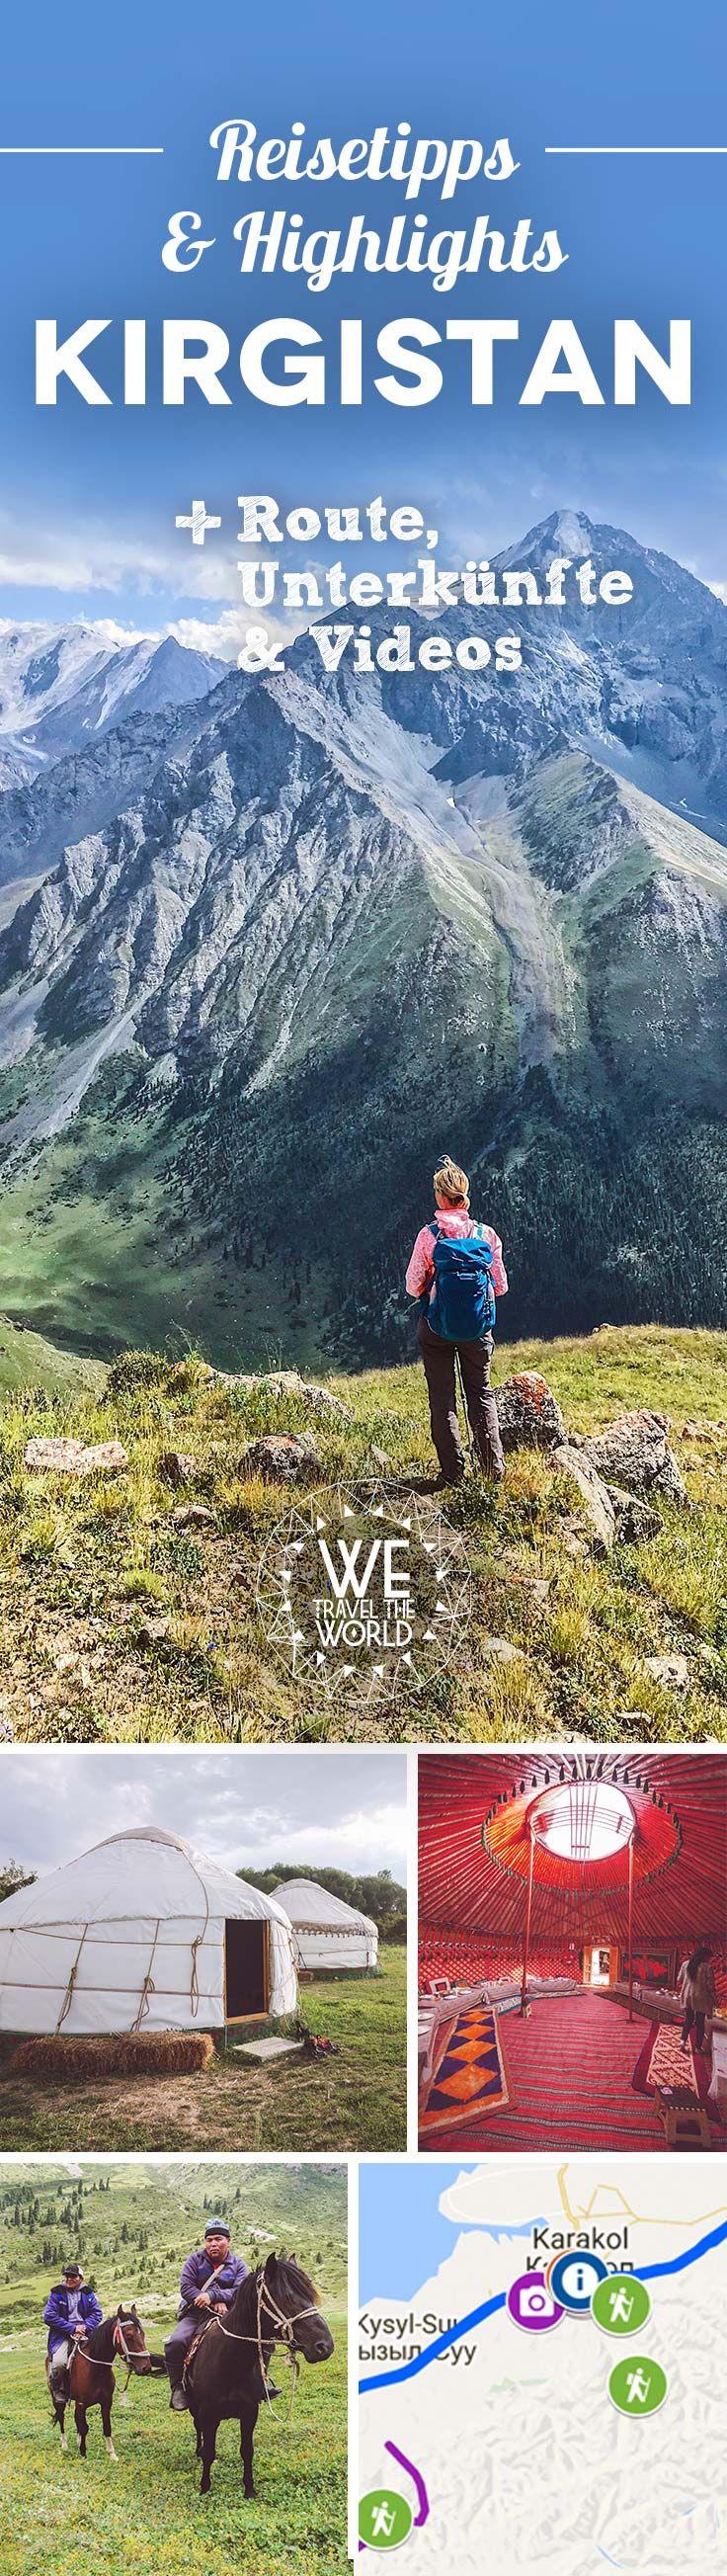 Du planst eine Kirgistan Reise? Dann haben wir hier alles Wissenswerte zu Aktivitäten, Sehenswürdigkeiten und nützlichen Tipps!